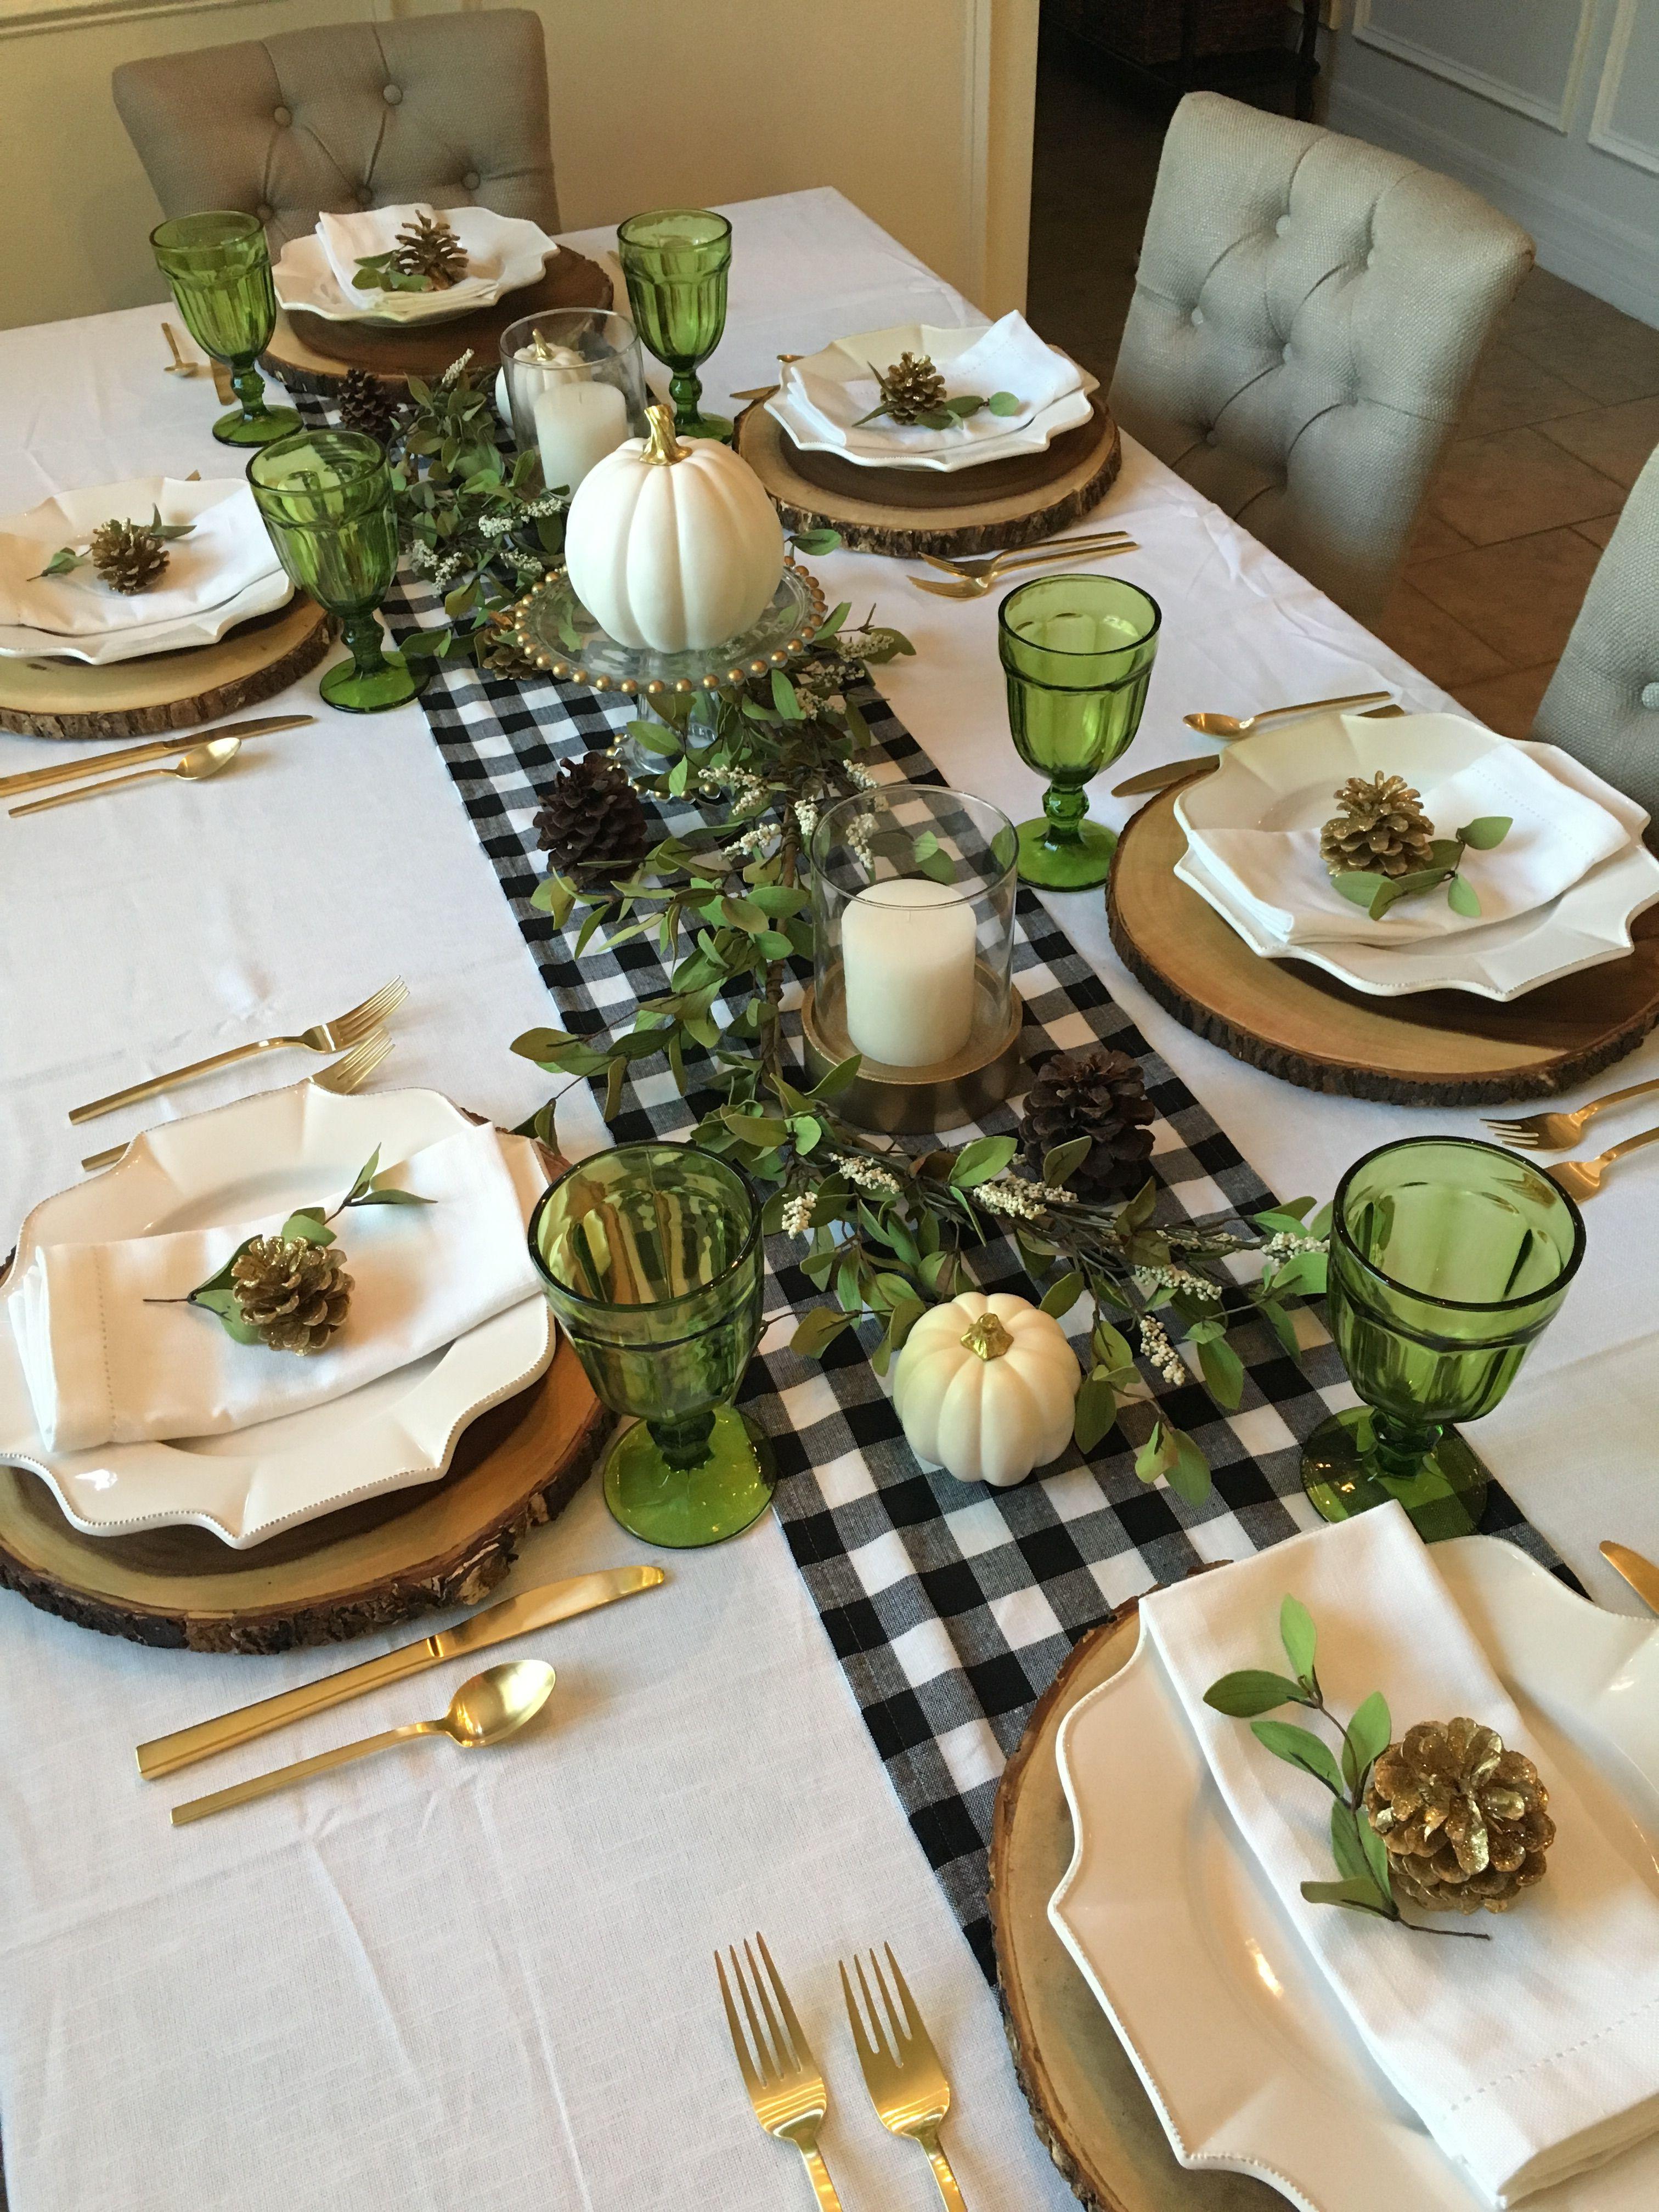 Правила сервировки стола по этикету: праздниный сладкий стол, стол к обеду, чайный стол, для детей